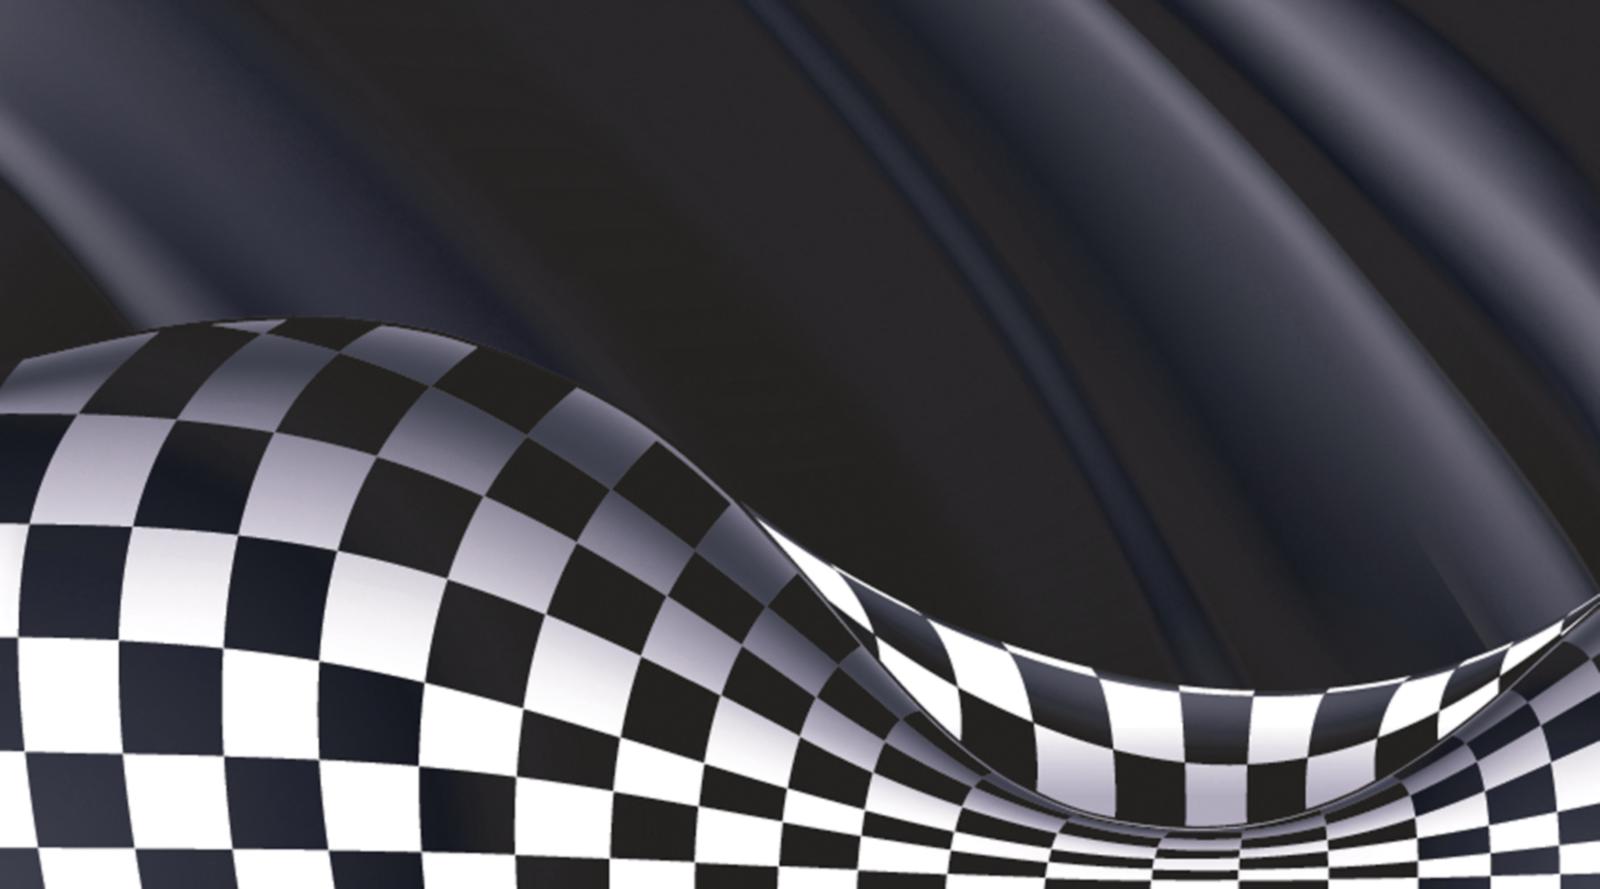 Checkered.